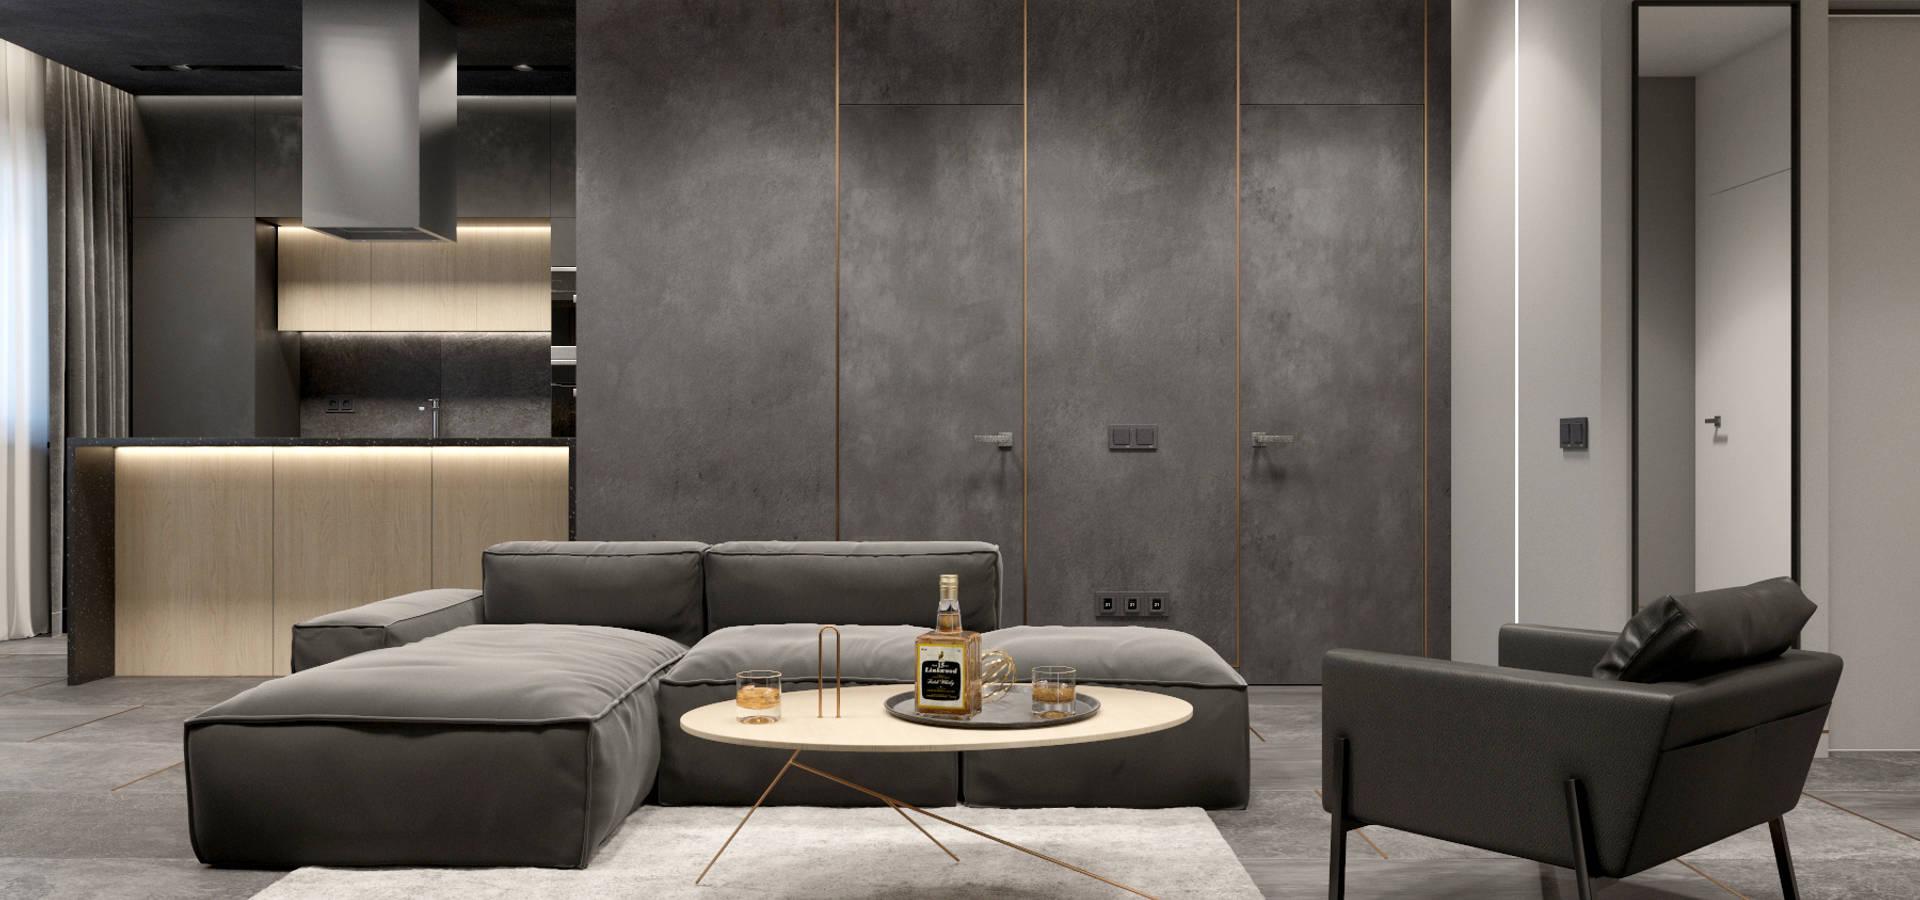 Бюро 25 | Дизайн интерьера | Архитектура | Краснодар